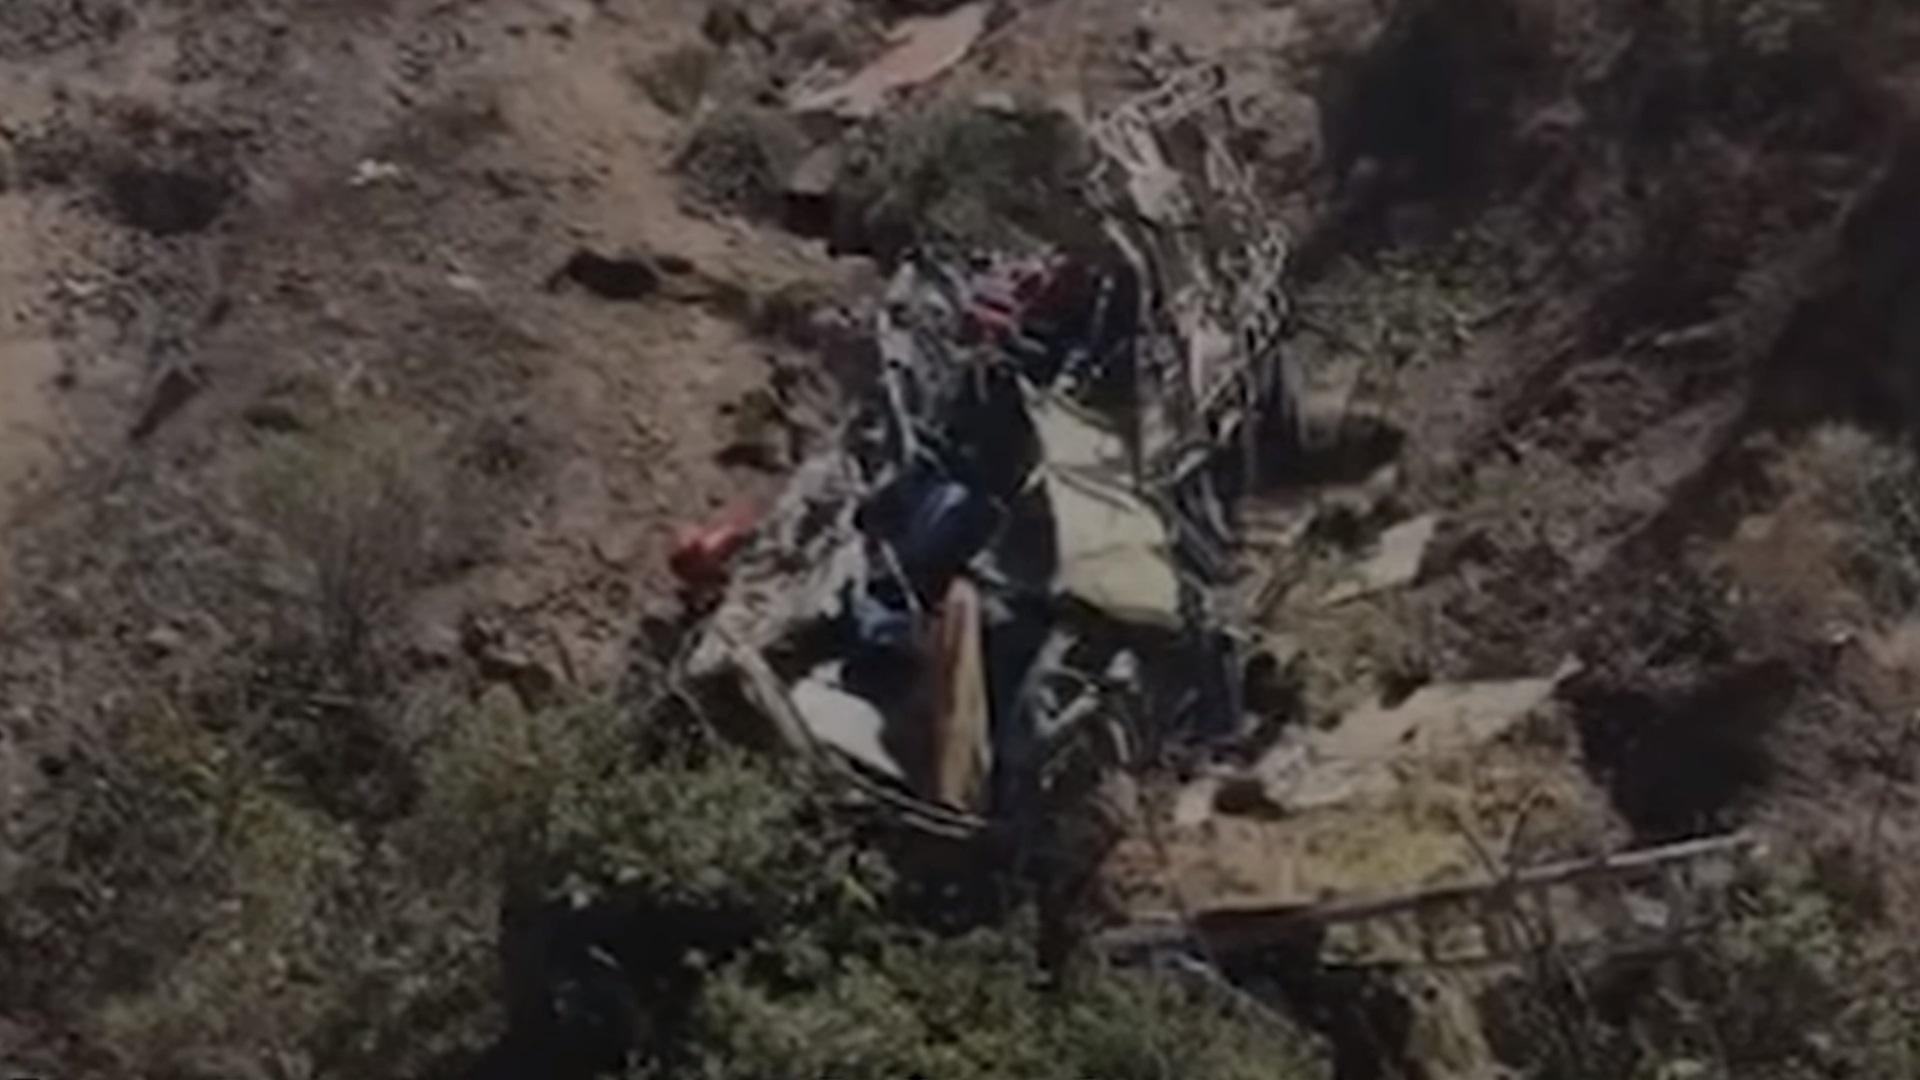 Περού: 32 νεκροί, ανάμεσά τους δύο παιδιά, από πτώση λεωφορείου σε χαράδρα